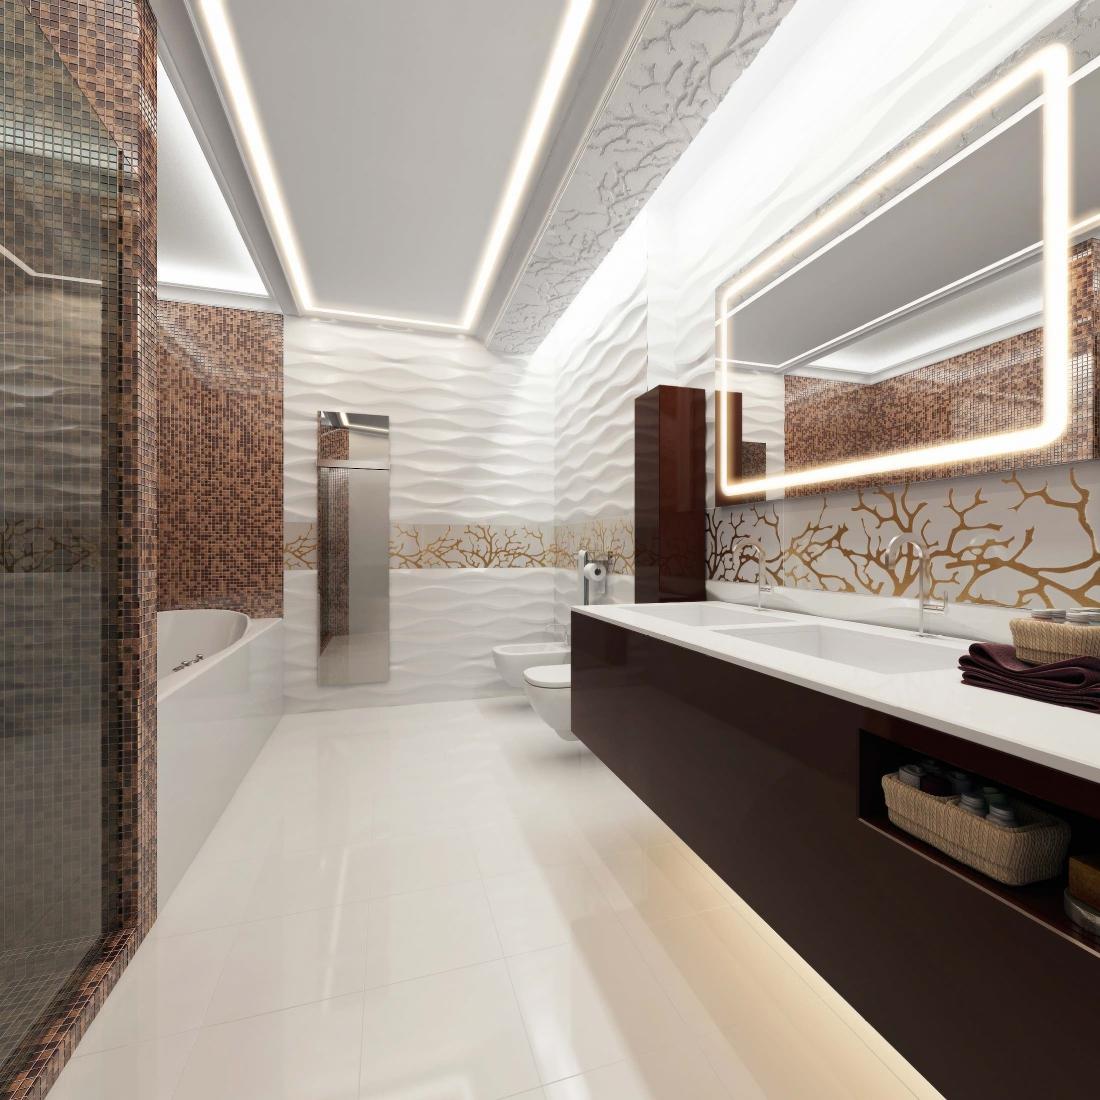 Бело-коричневая небольшая ванная в стиле модерн